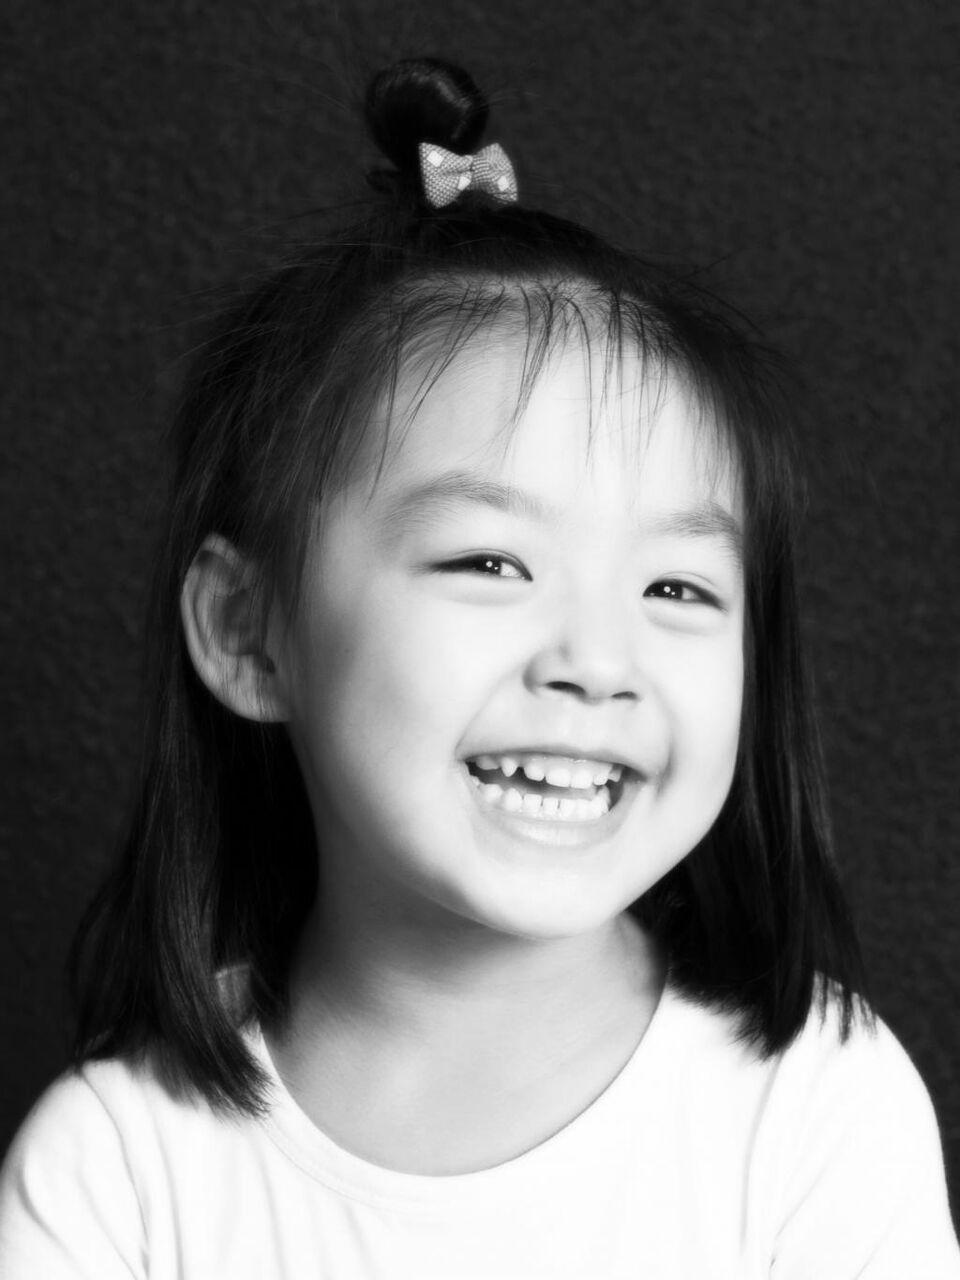 黒と白の天使の壁紙iphoneアniメ 女の子 子供 人 笑顔 高精細画像をスマイル 材料を入力します 壁紙